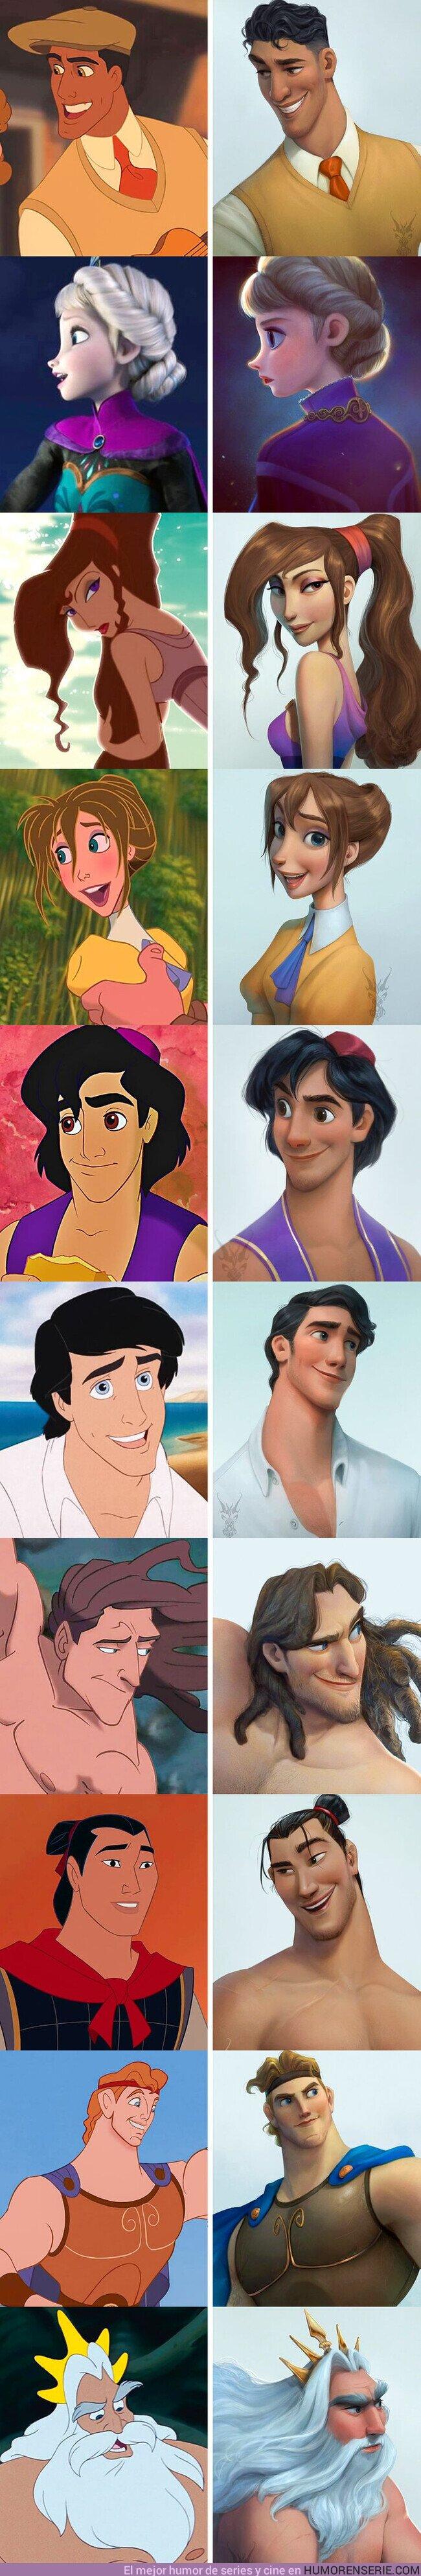 57083 - GALERÍA: Artista les da a personajes de Disney un diseño 3D, lo que los hace parecer sacados de una película del futuro